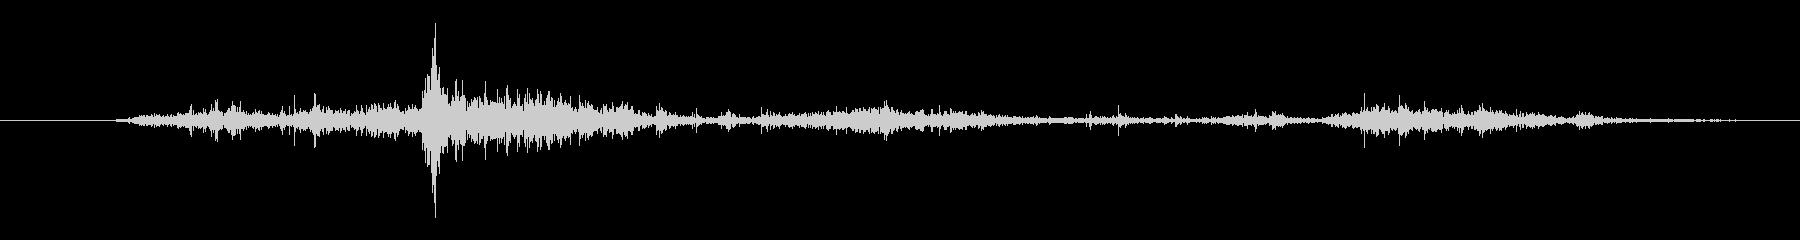 ゴミ シャベルディグ02の未再生の波形